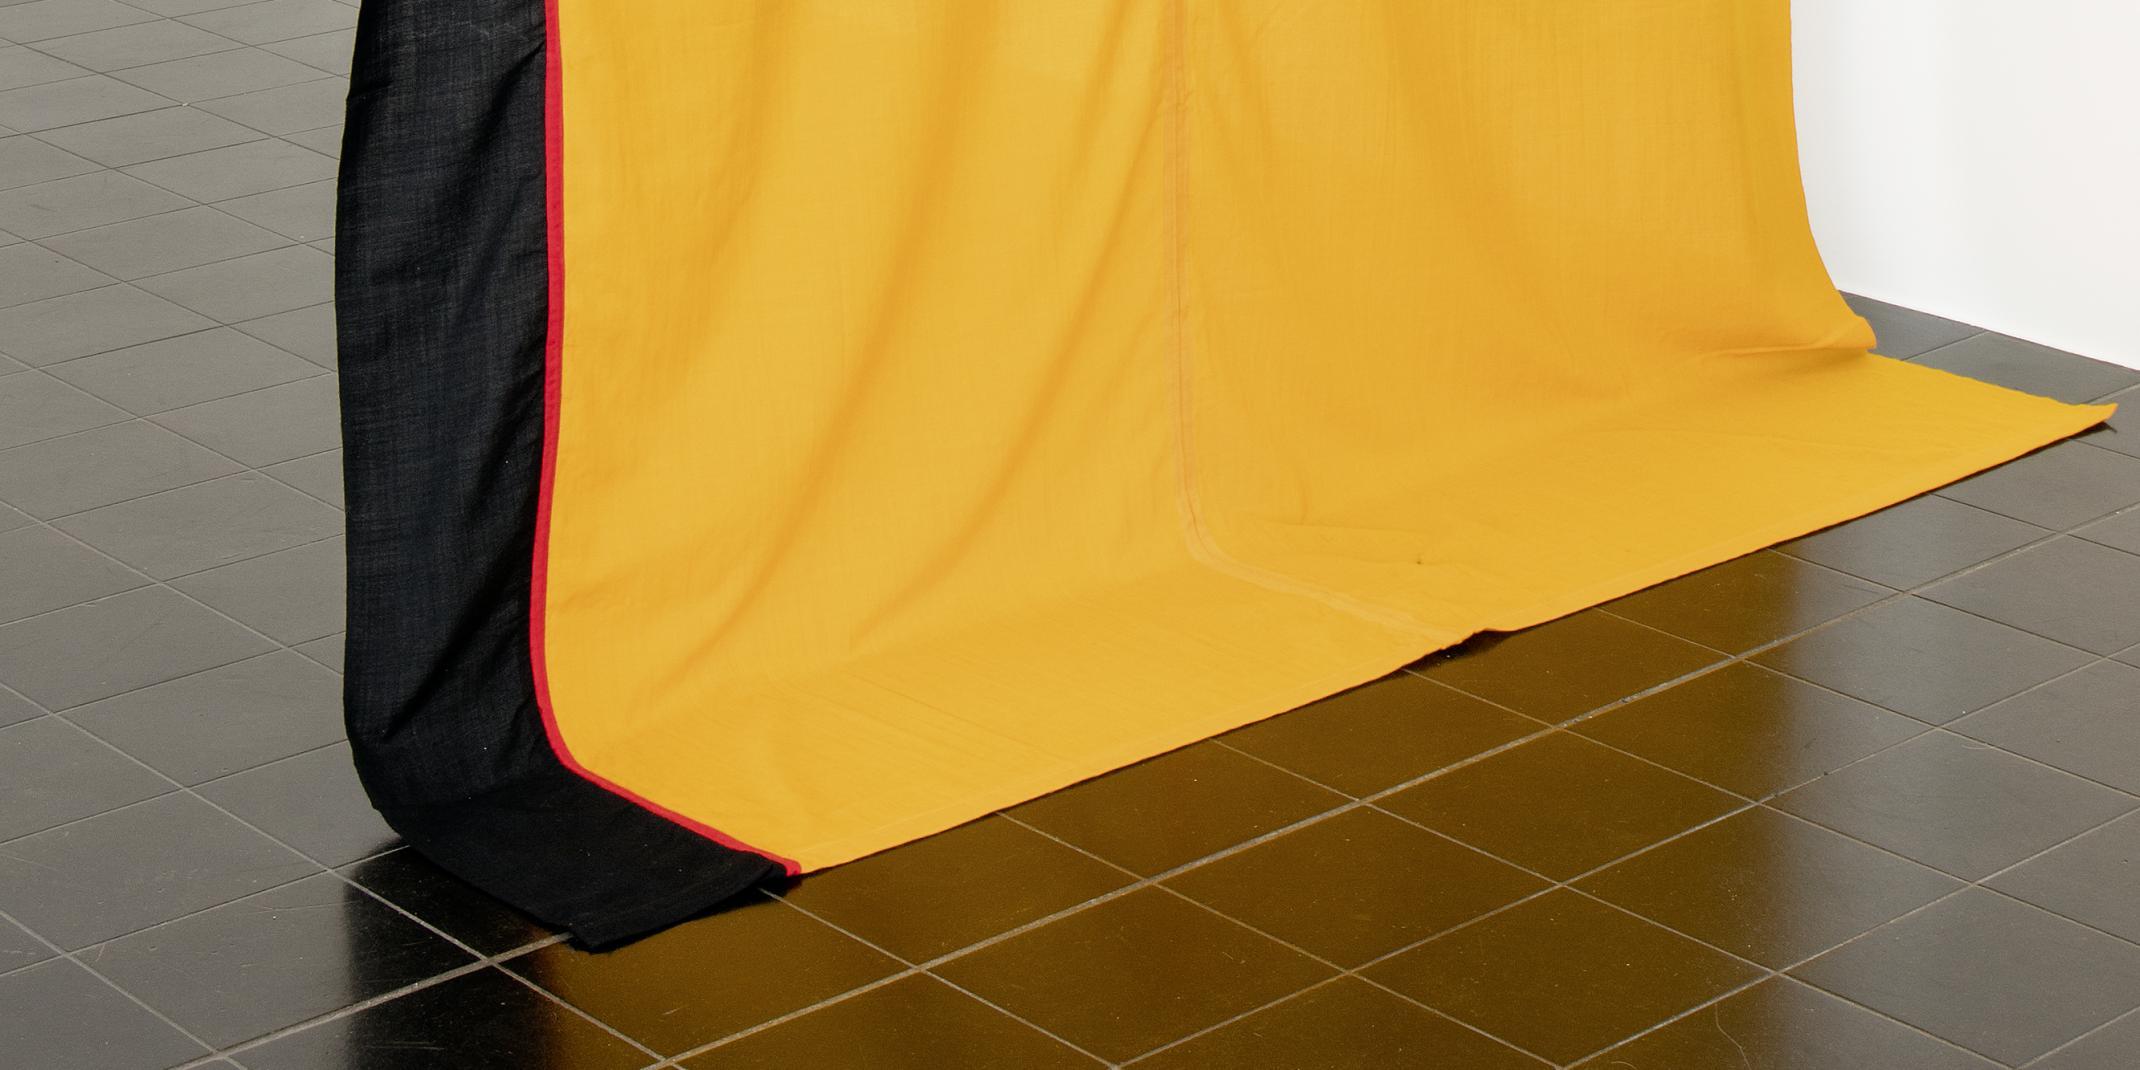 KP Brehmer; Korrektur der Nationalfarben, gemessen an der Vermögensverteilung (Version I), 1970,© Privatsammlung in der Hamburger Kunsthalle, Foto: Christoph Irrgang